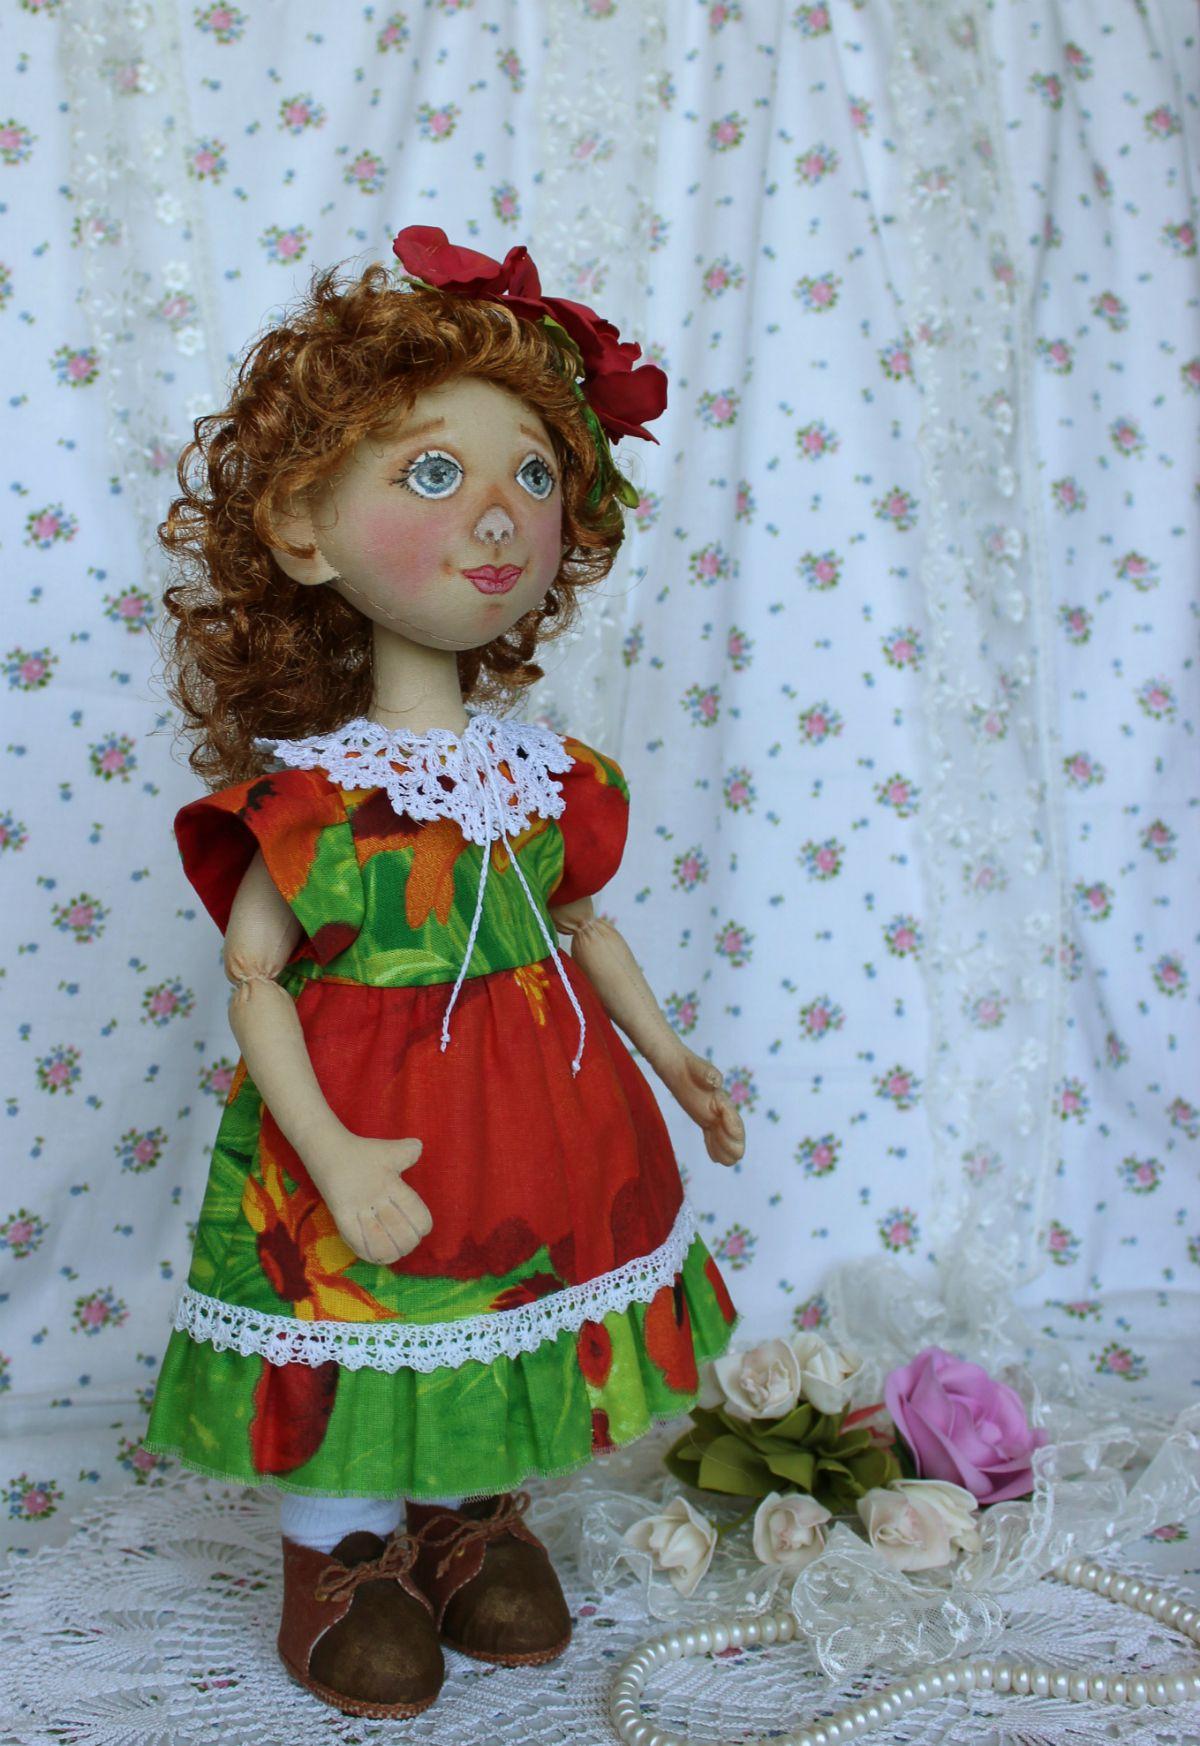 съемной одежде любимая купить девочке куклу кукла текстильная подарок